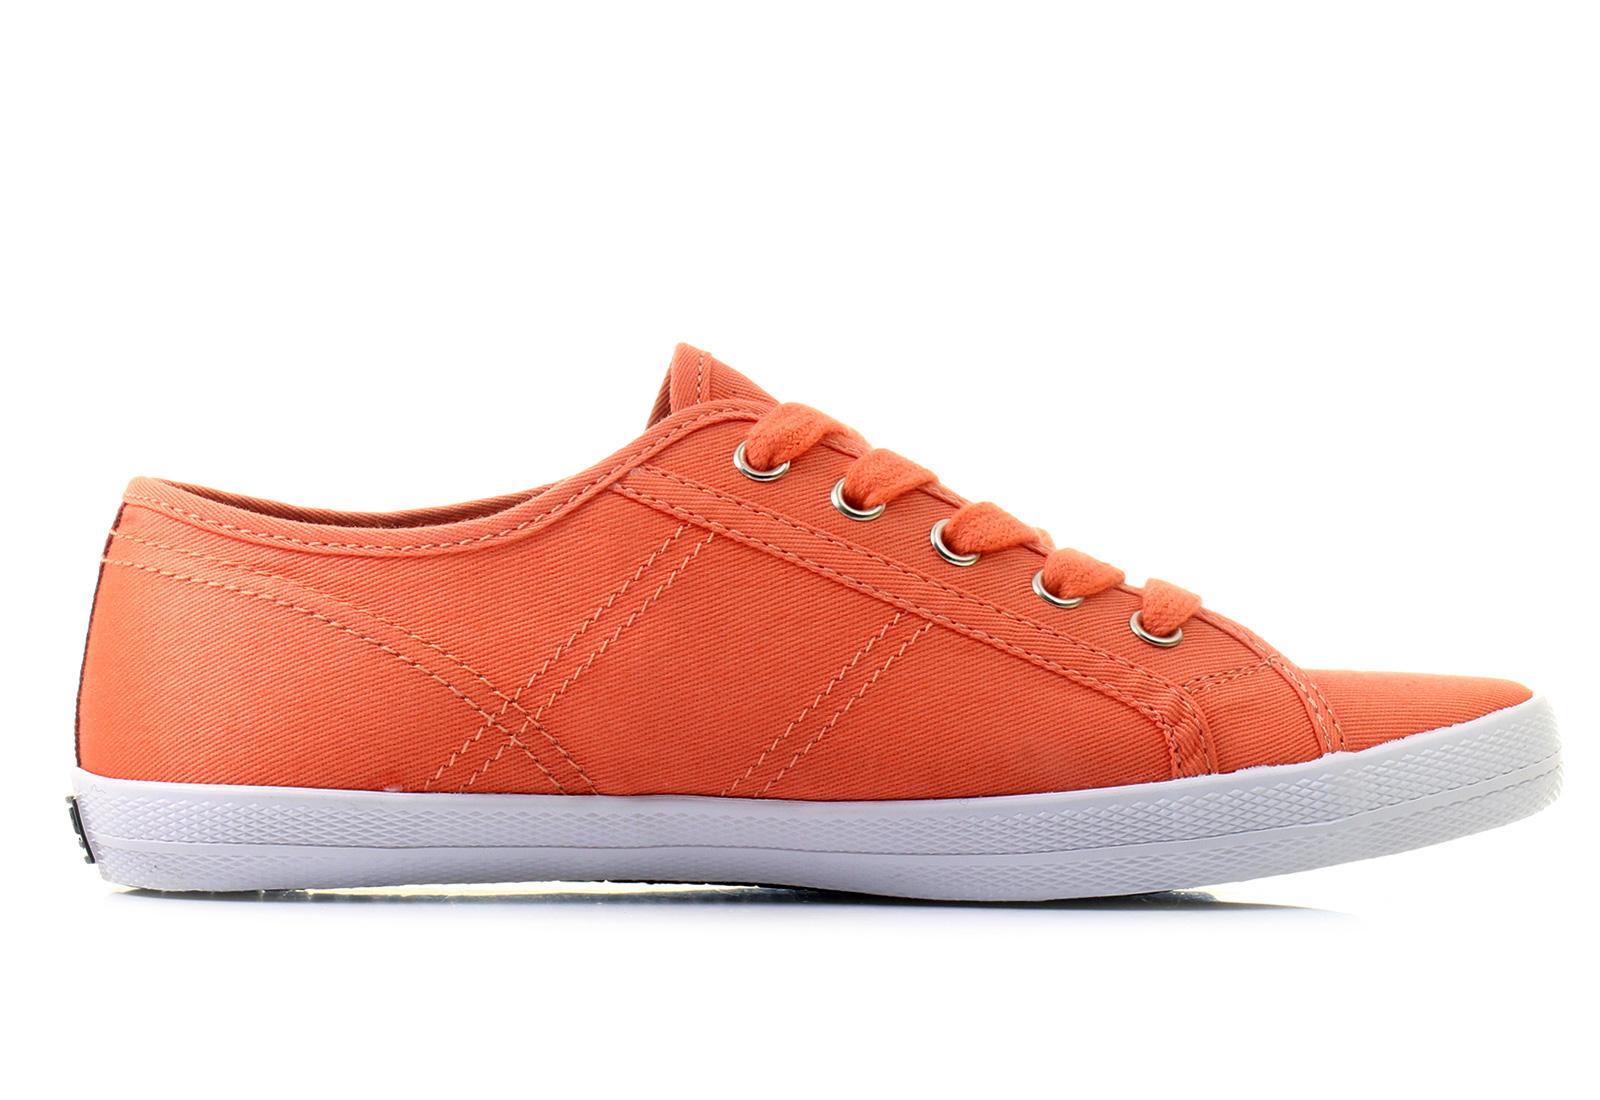 tommy hilfiger sneakers victoria 2d 14s 6884 692 online shop for. Black Bedroom Furniture Sets. Home Design Ideas